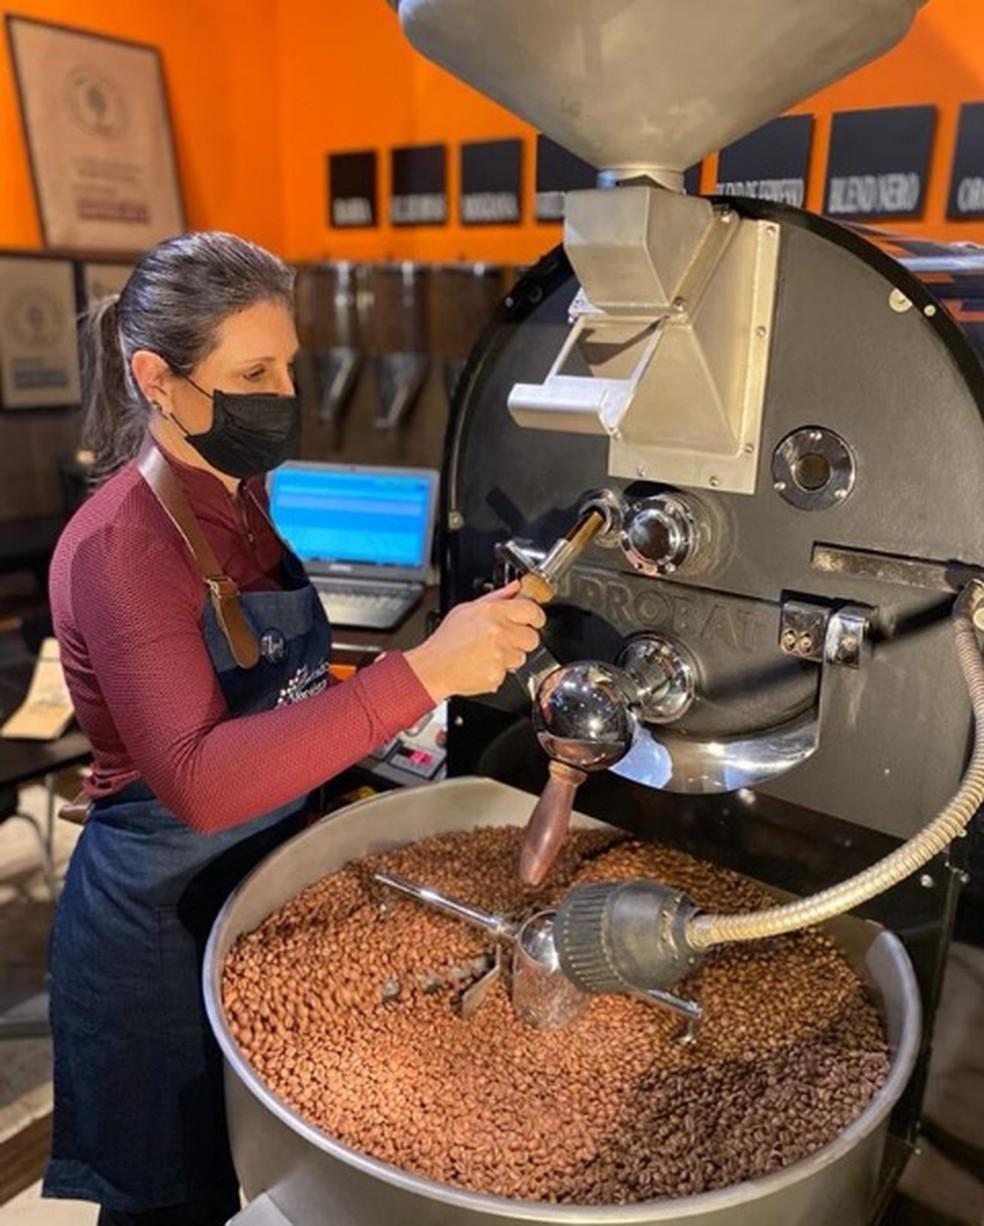 Georgia Franco de Sousa, proprietária da Lucca Cafés Especiais, trabalhando na torra dos cafés — Foto: Reprodução Instagram/@luccacafesespeciais